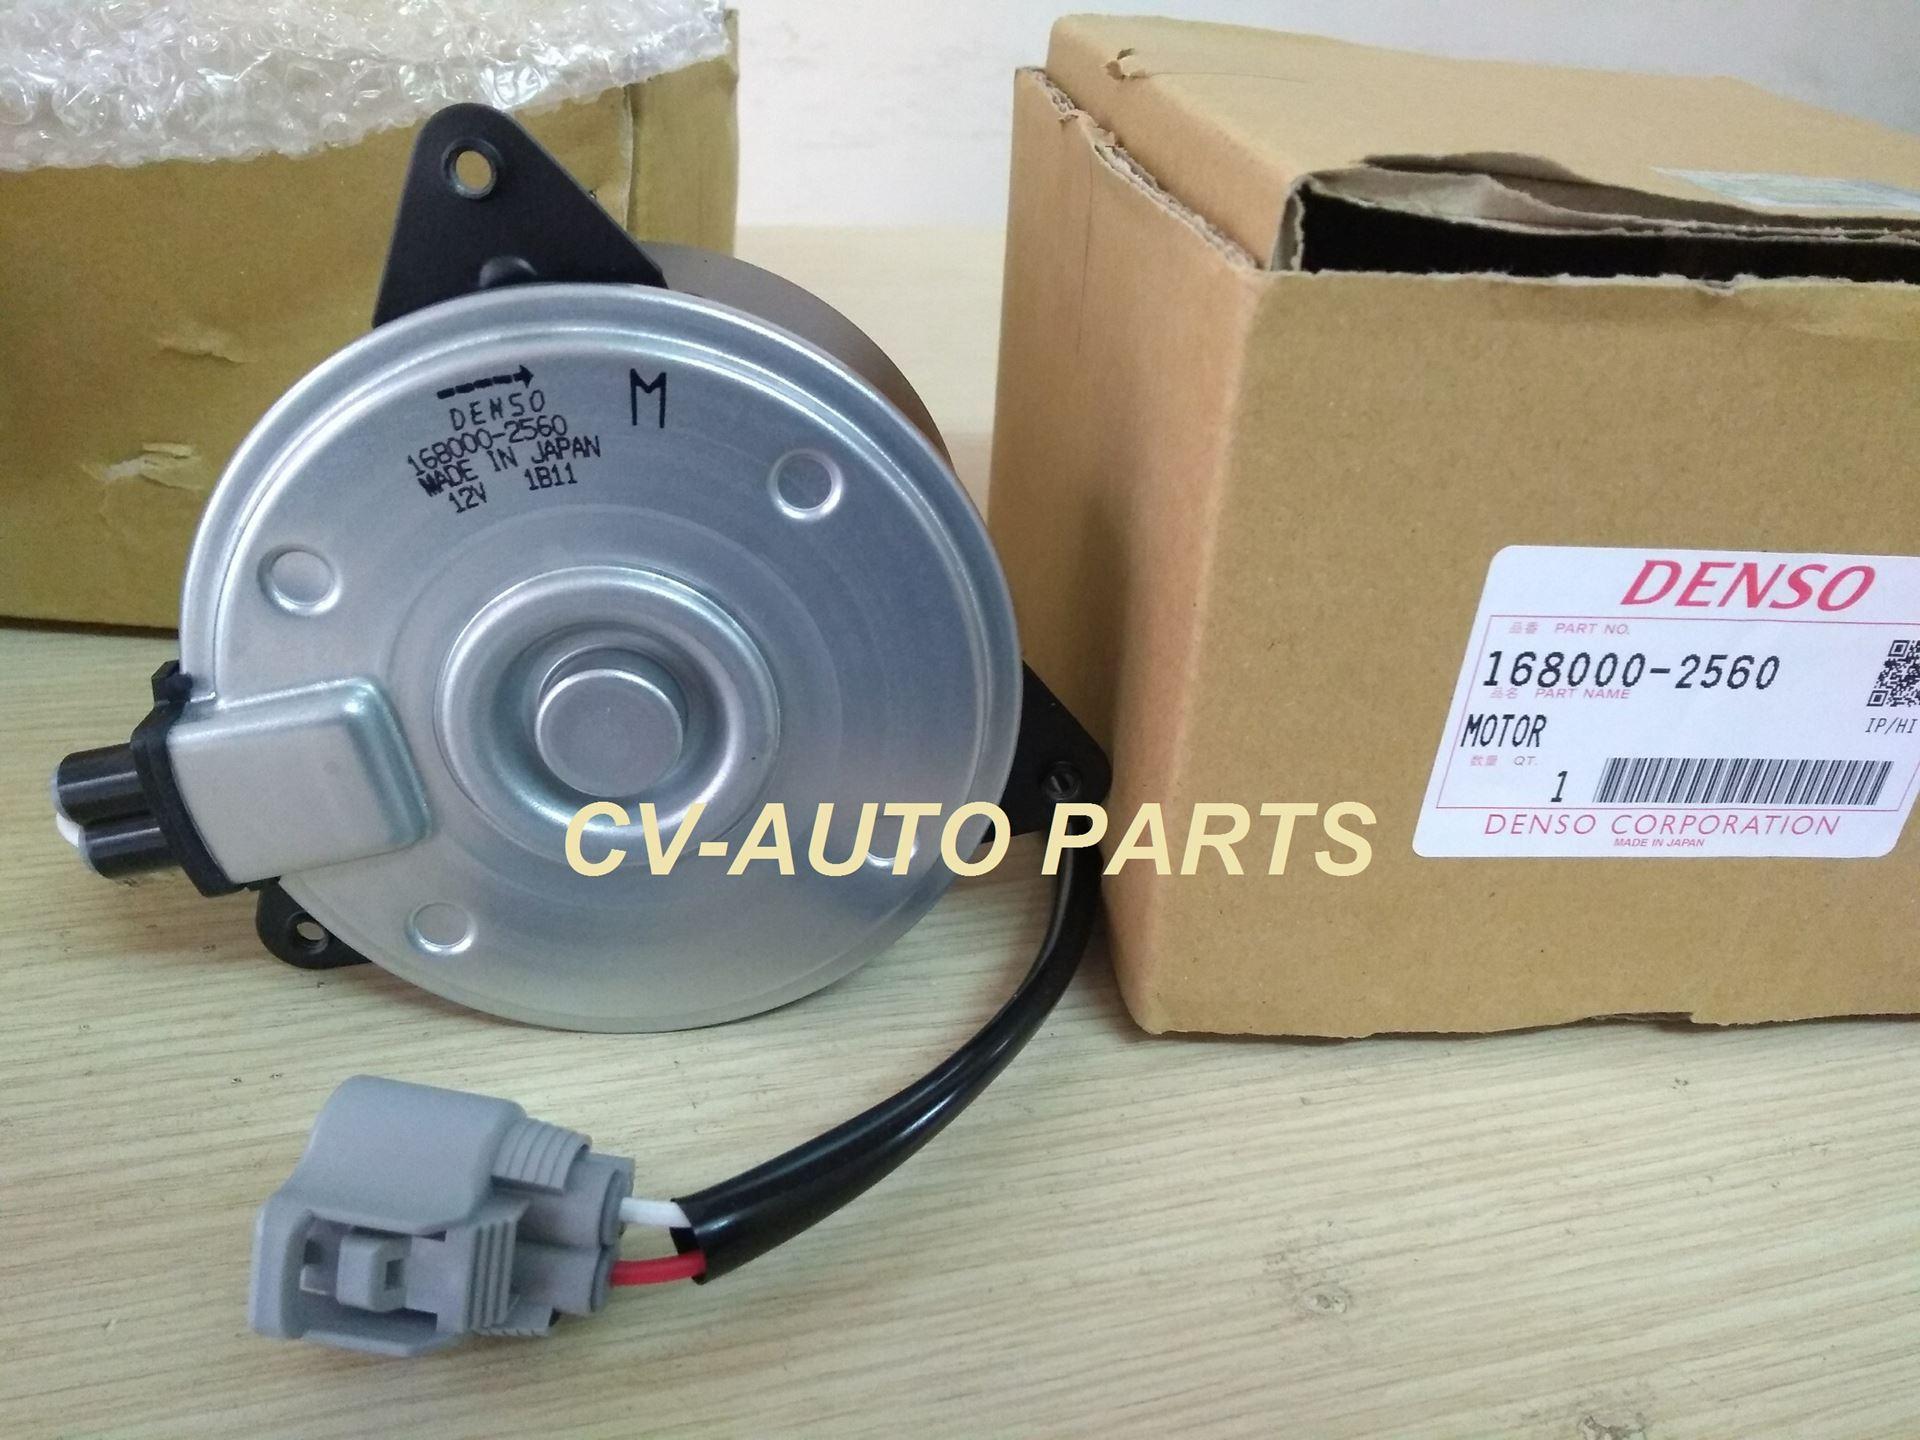 Picture of 16363-0T100 Motor quạt làm mát giàn nóng két nước Toyota Corolla Altis chính hãng Denso